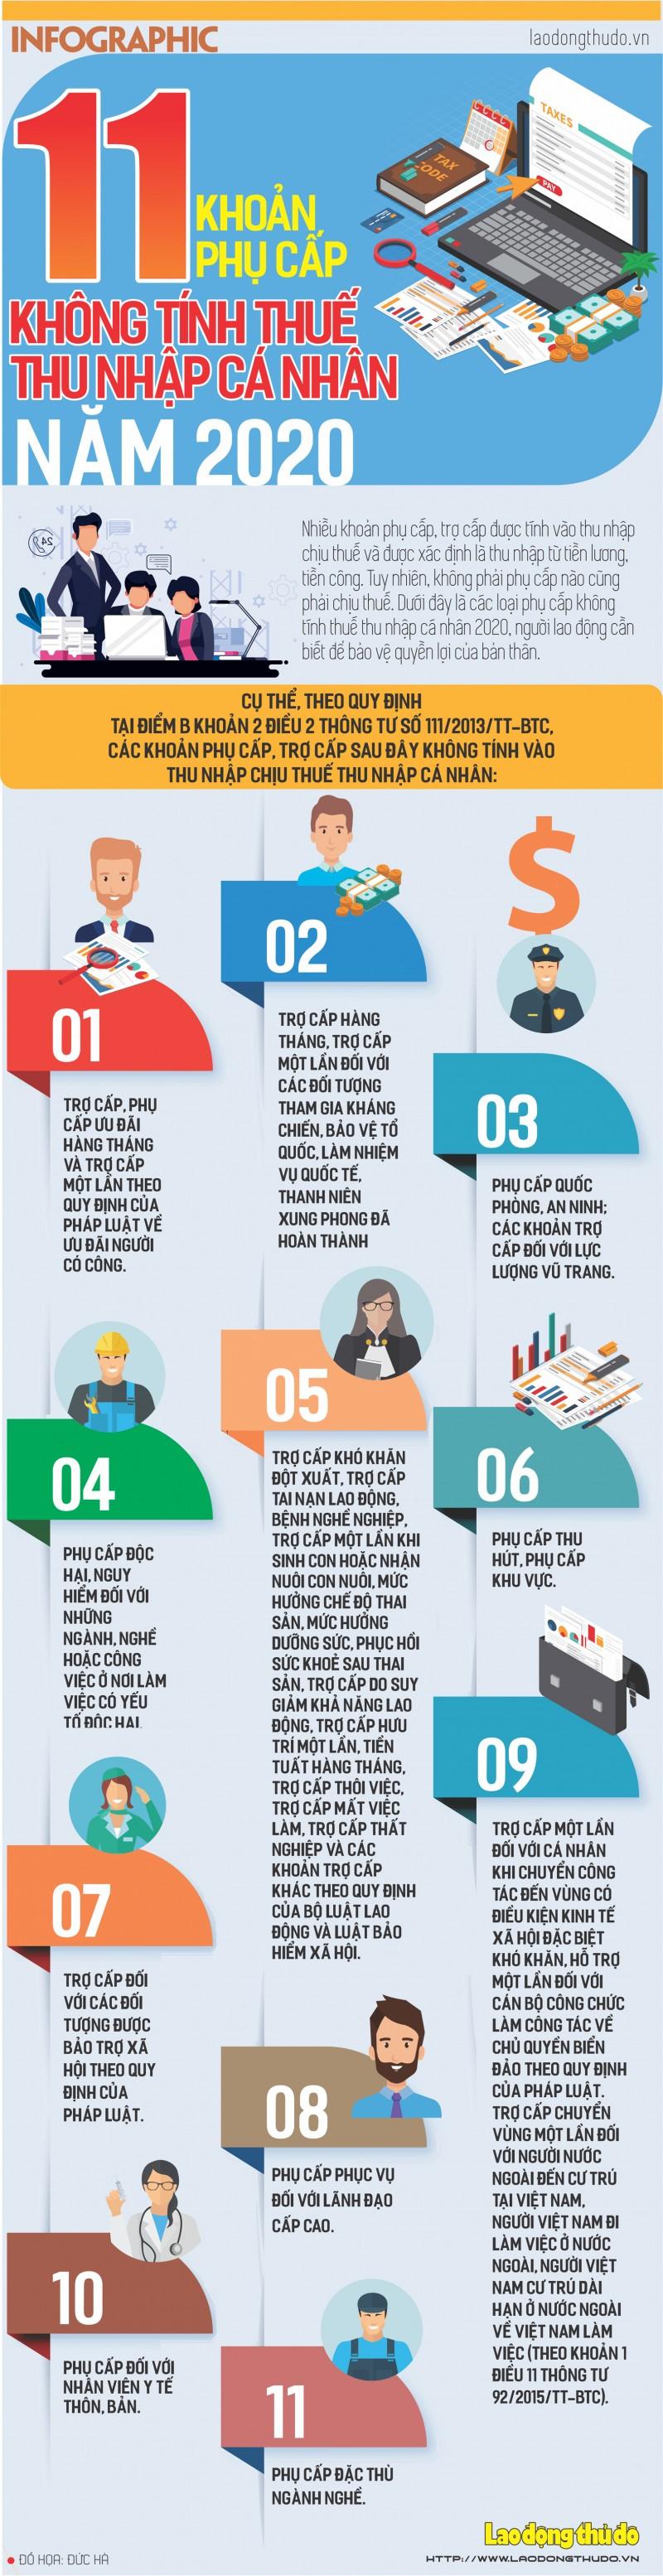 infographic nhung khoan phu cap khong tinh thue thu nhap ca nhan nam 2020